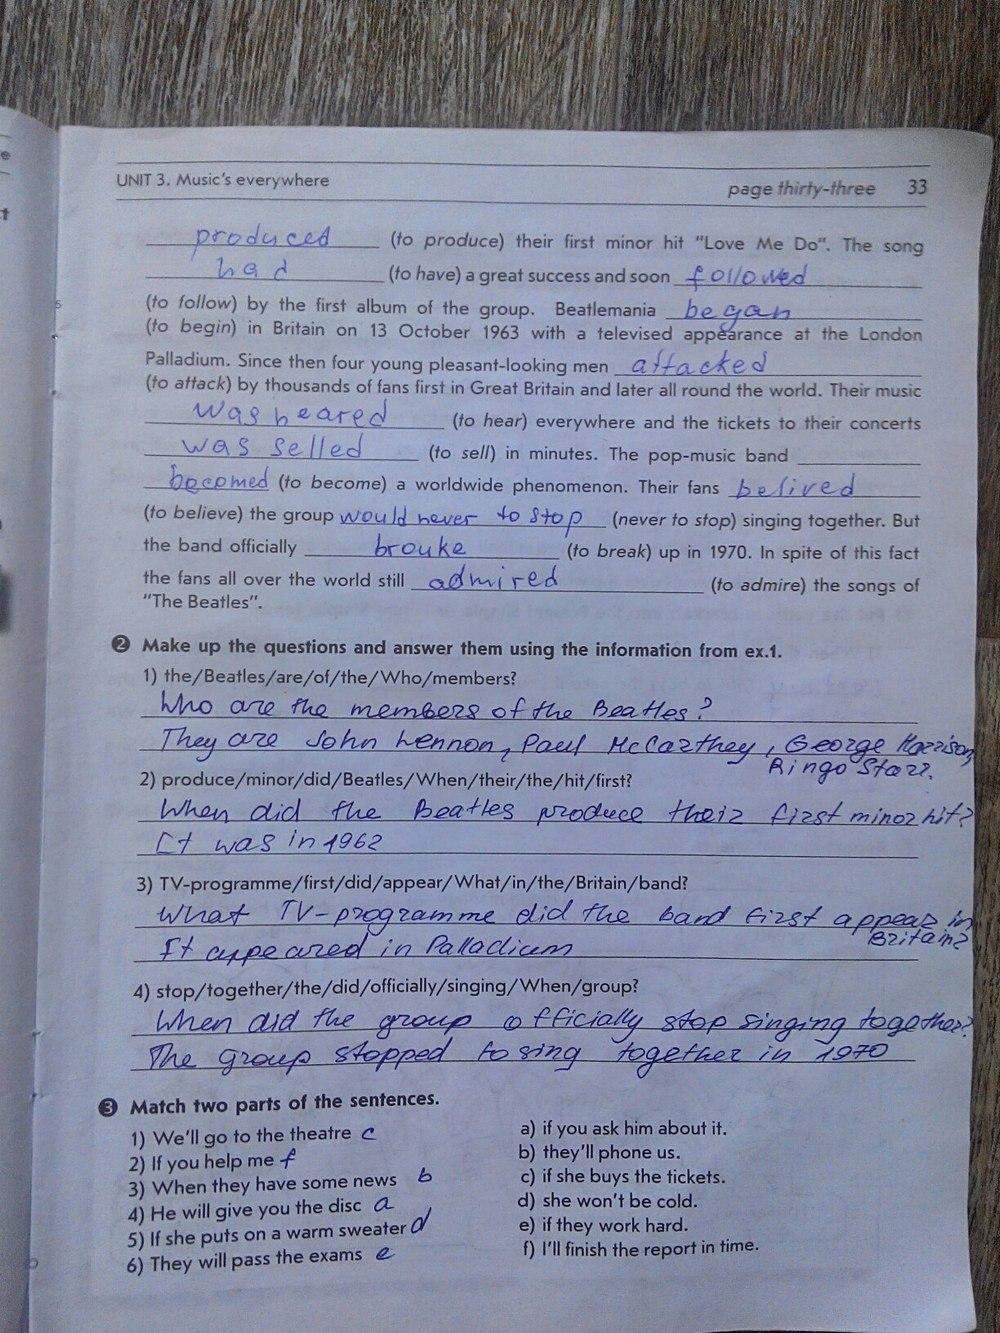 ГДЗ відповіді робочий зошит по английскому языку 8 класс О.М. Павліченко. Задание: стр. 33